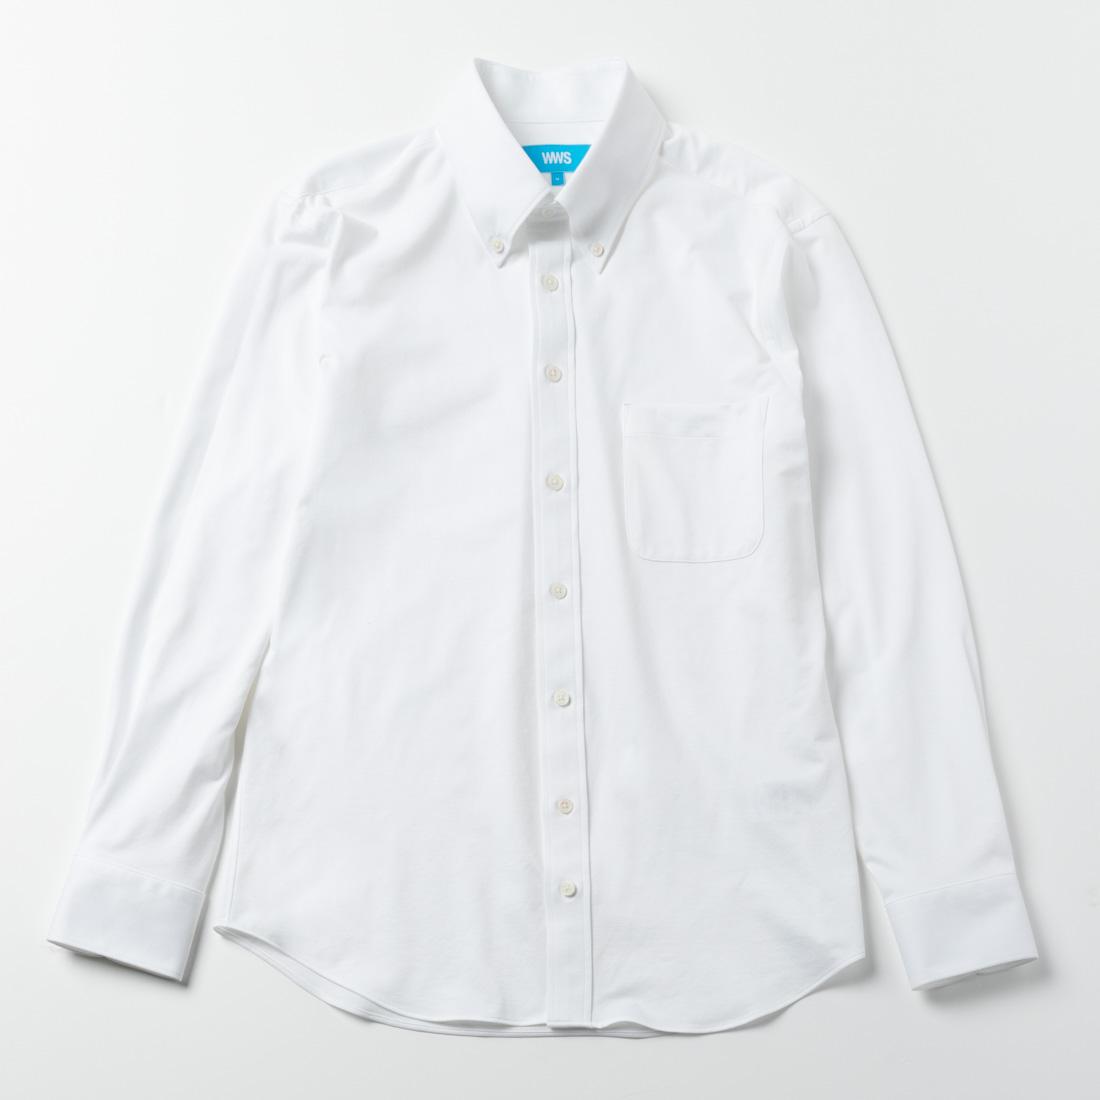 メンズ 究極のボタンダウンシャツ